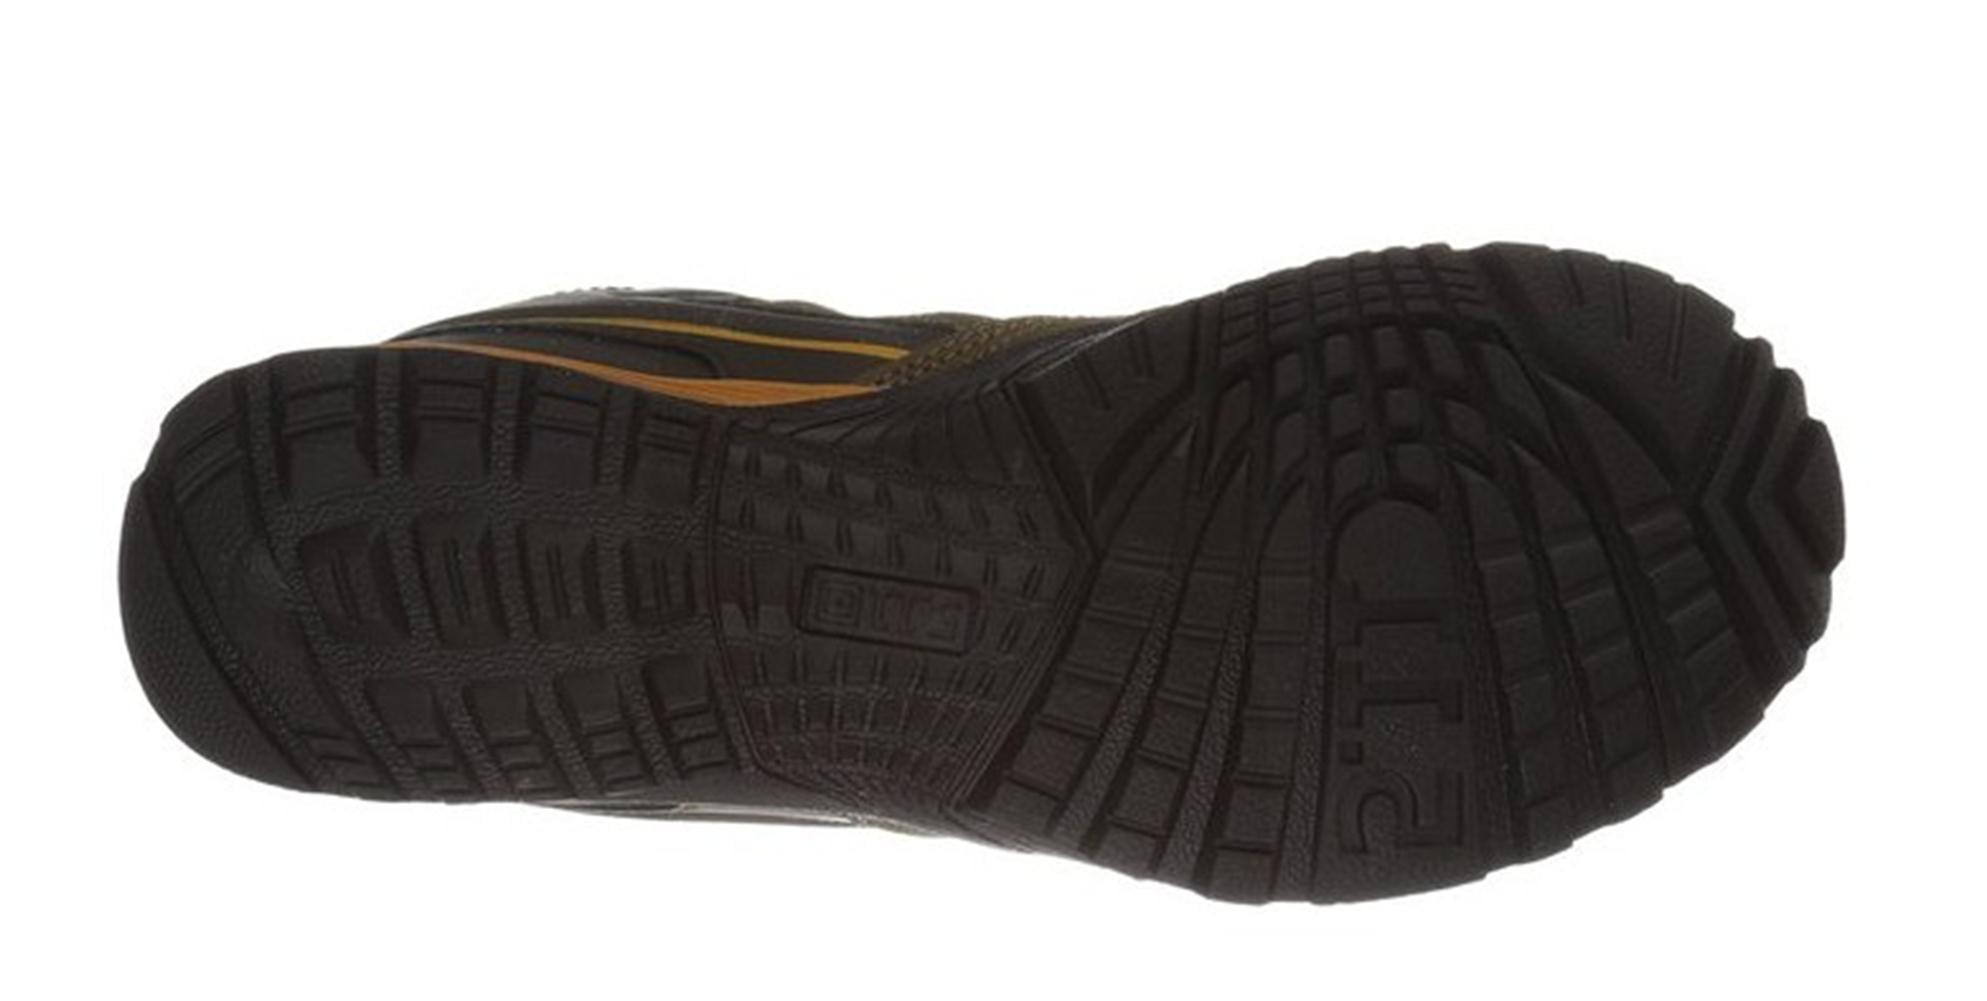 Tactical 5.11 Men Range Master Waterproof Boots